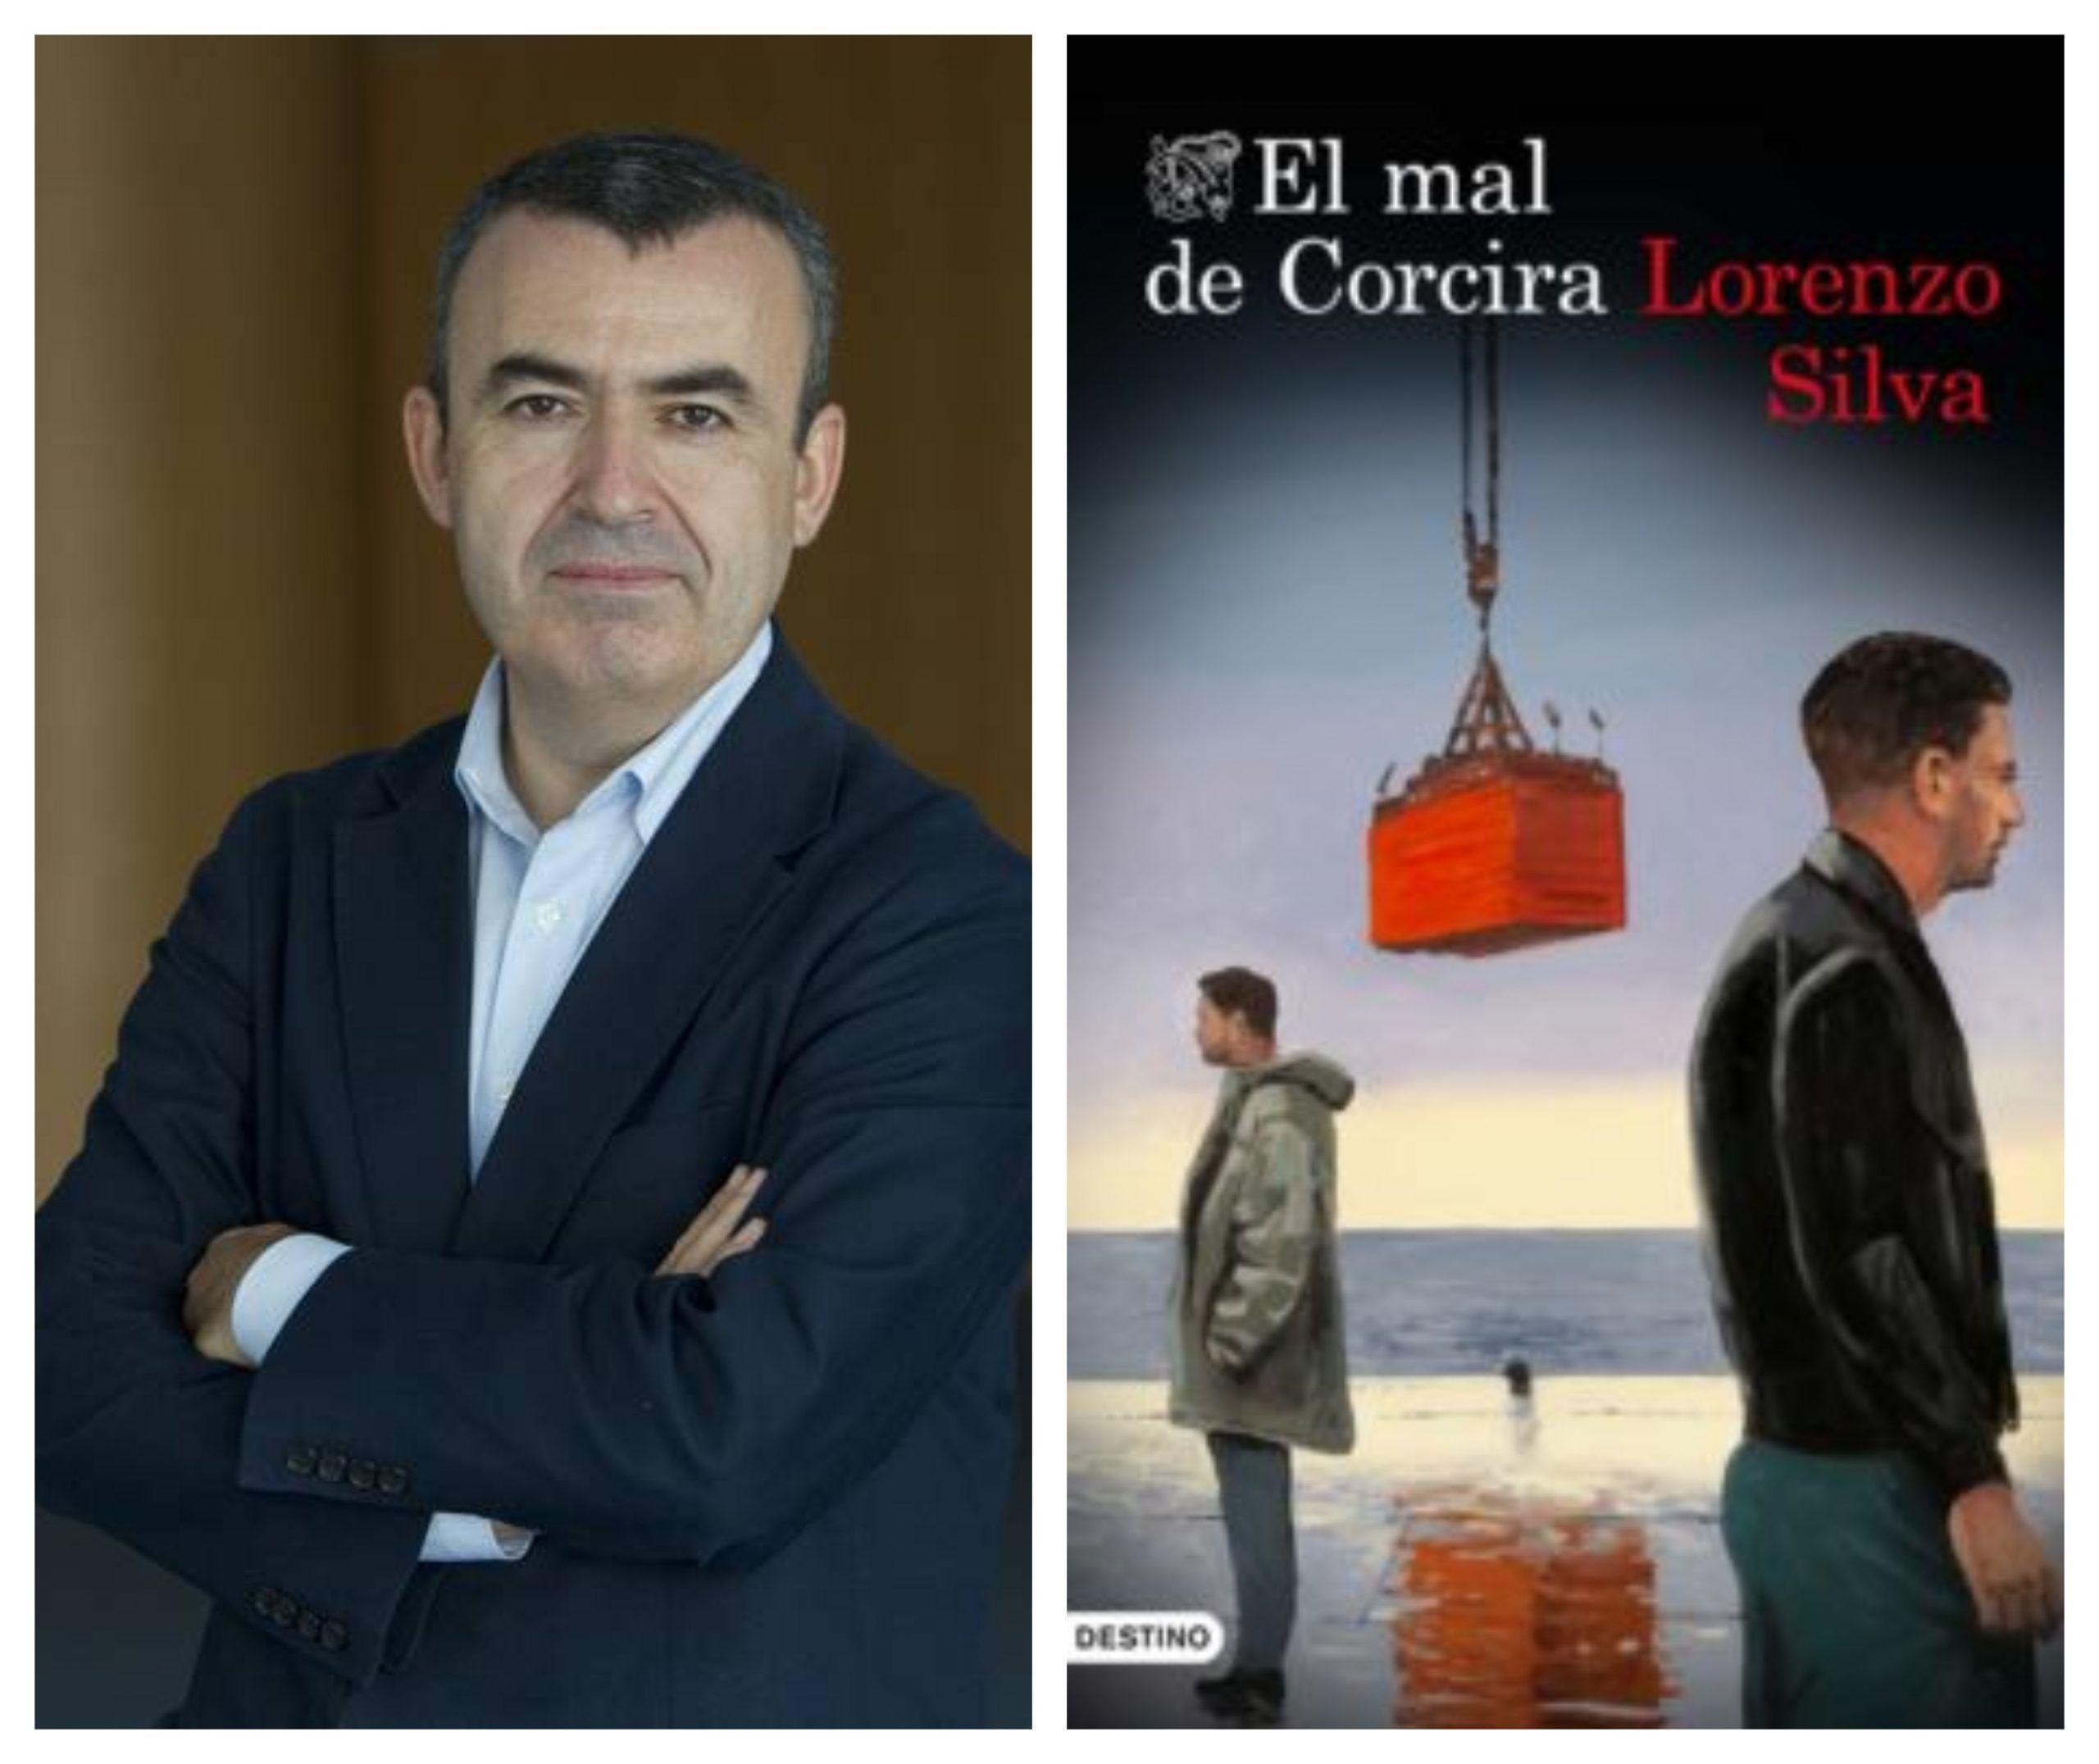 Encuentro con Lorenzo Silva el mal